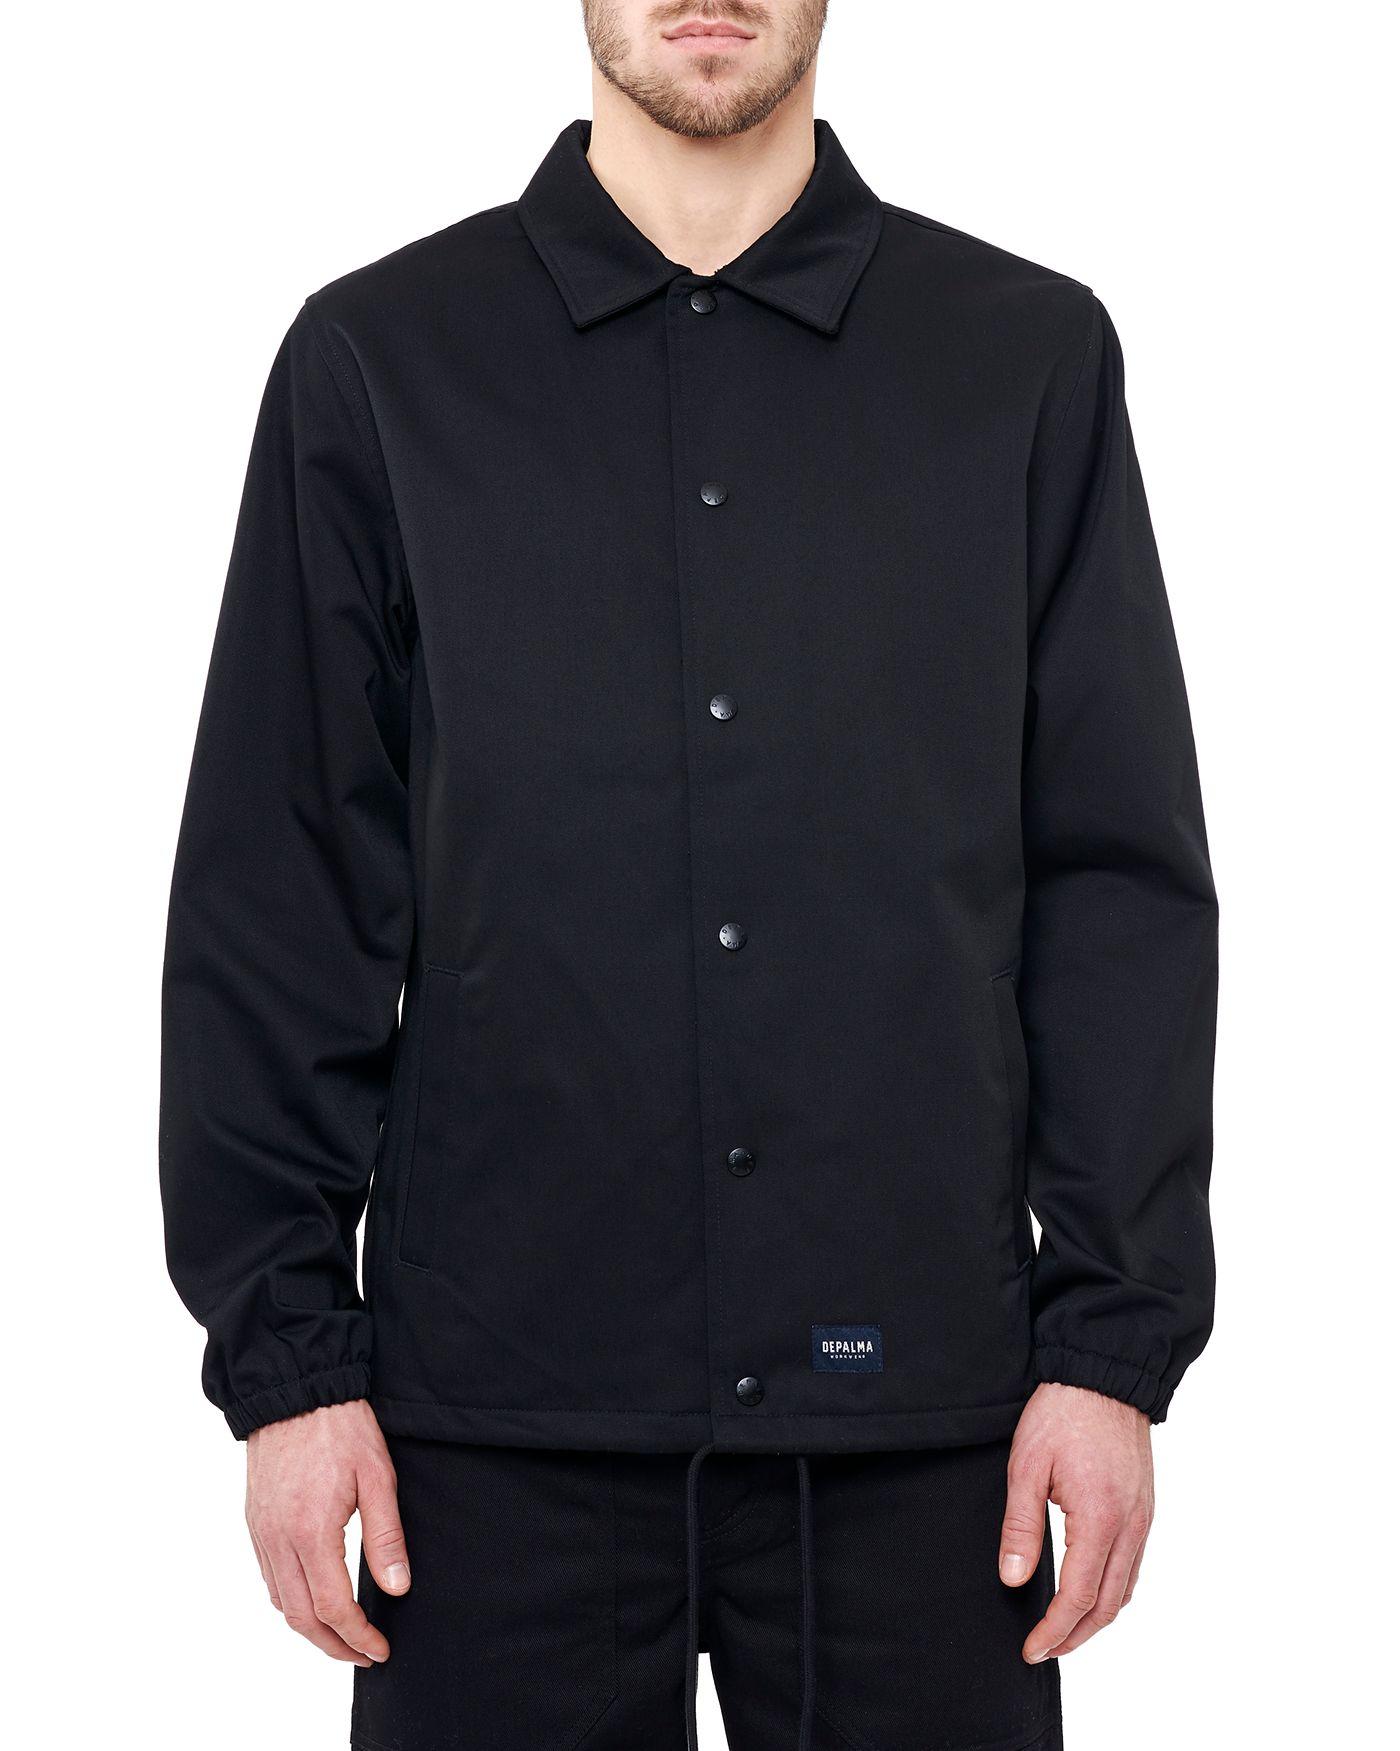 Photo of Mercury Coaches Jacket, Black